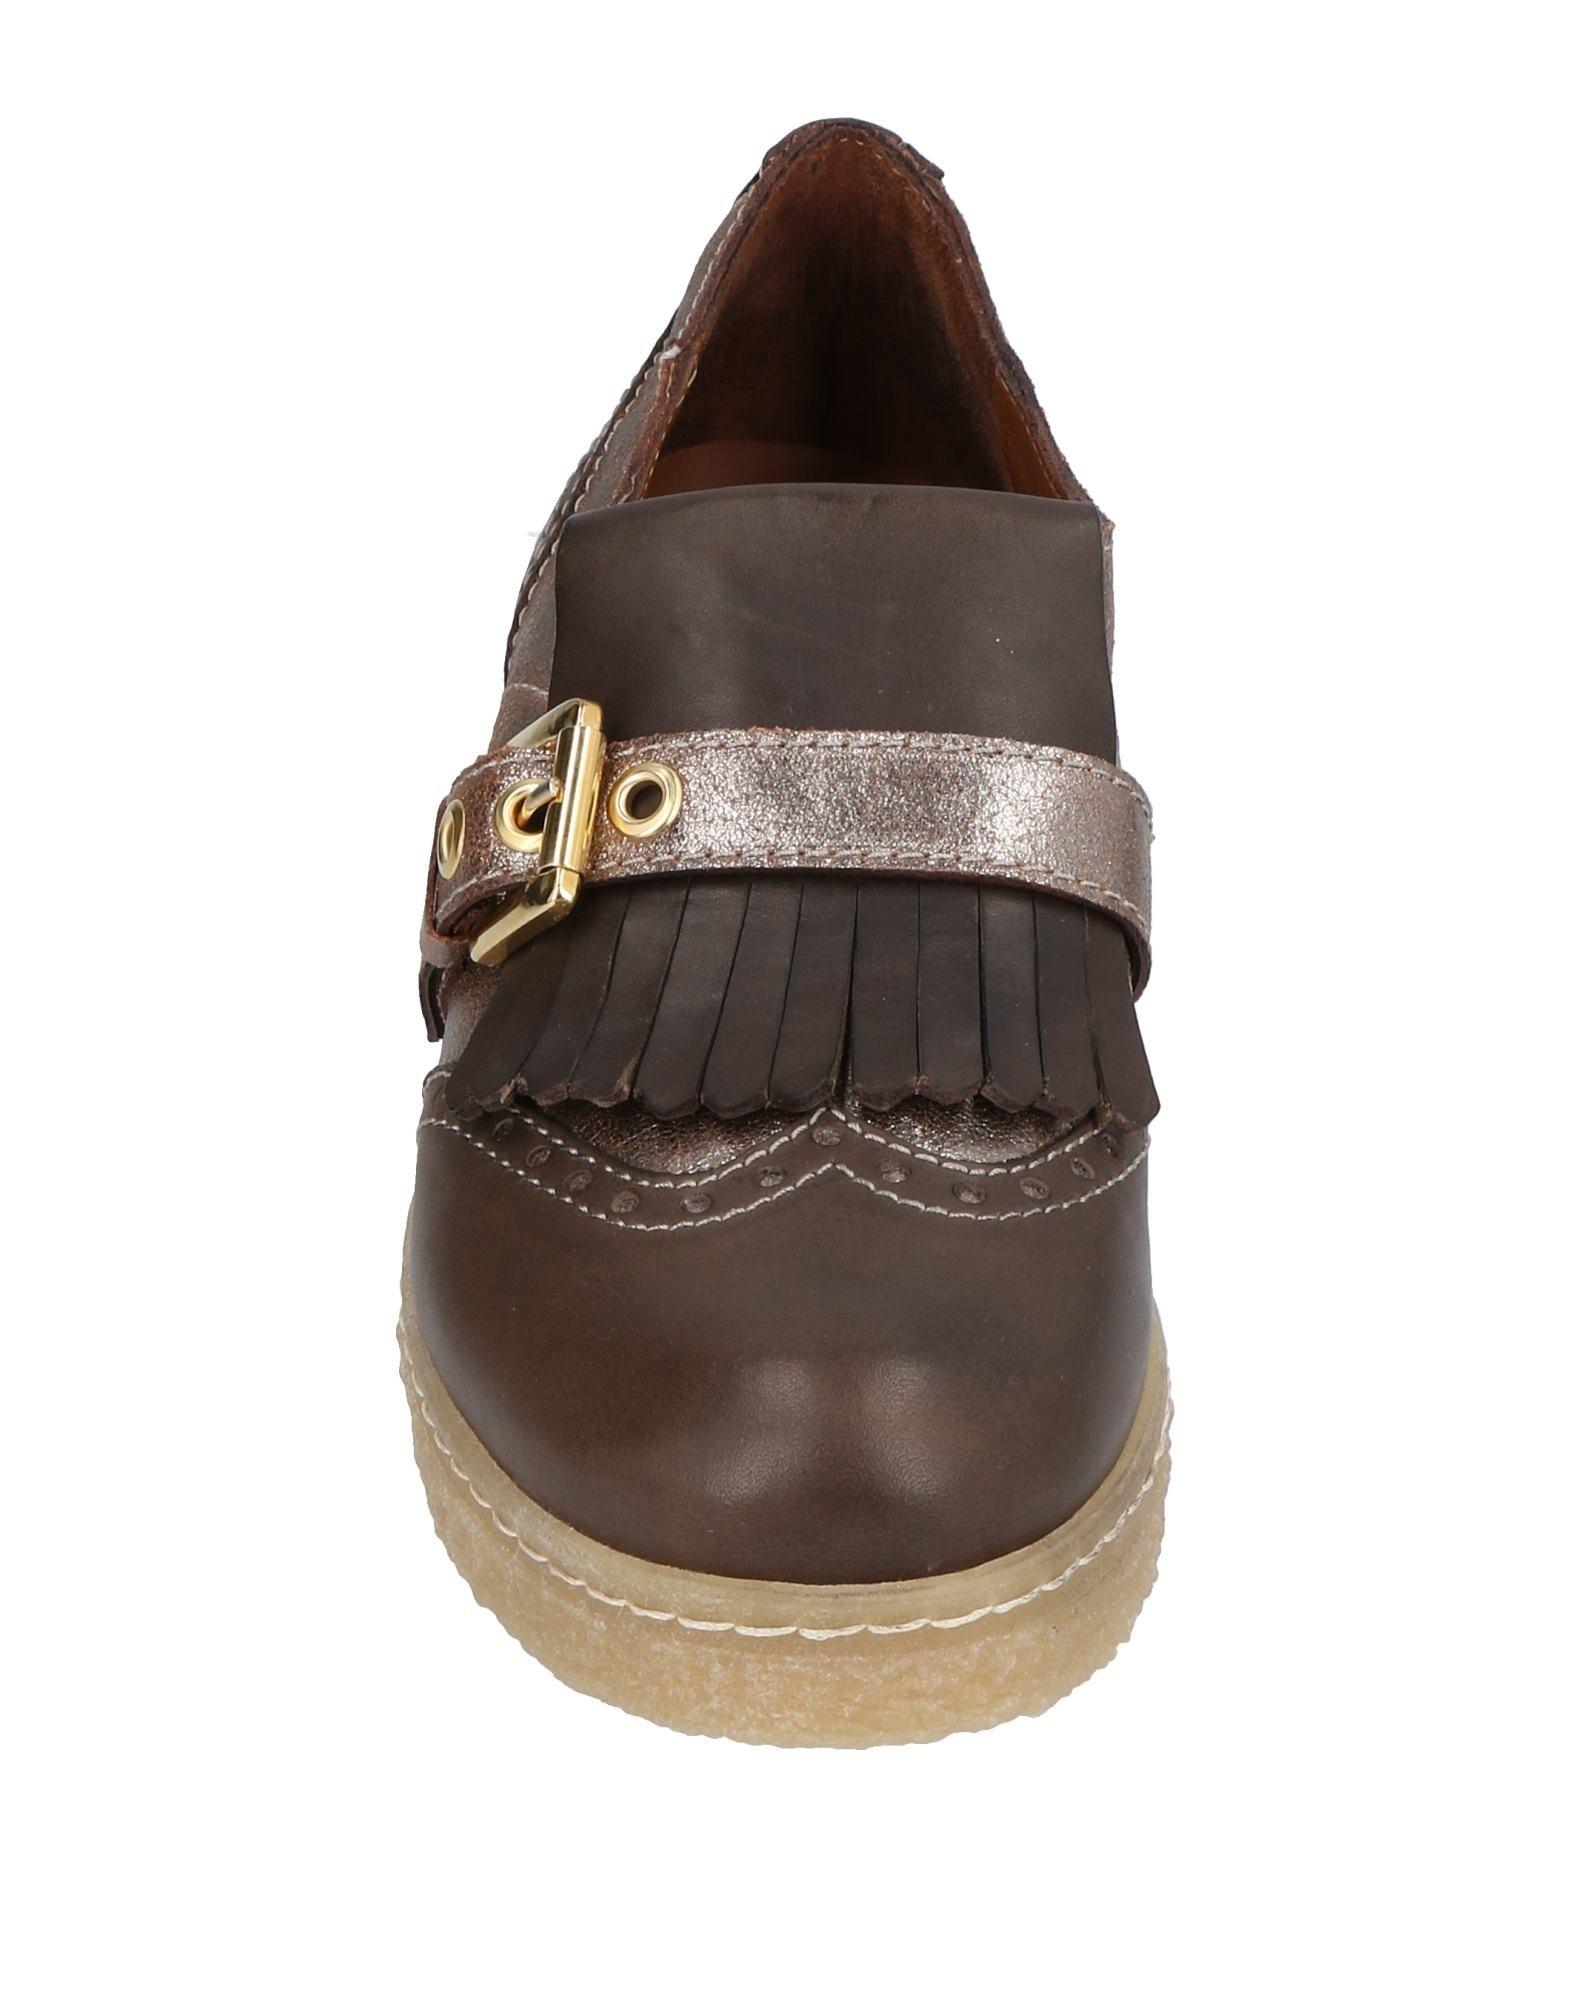 Grandinetti Gute Mokassins Damen  11465332OD Gute Grandinetti Qualität beliebte Schuhe 80fd65